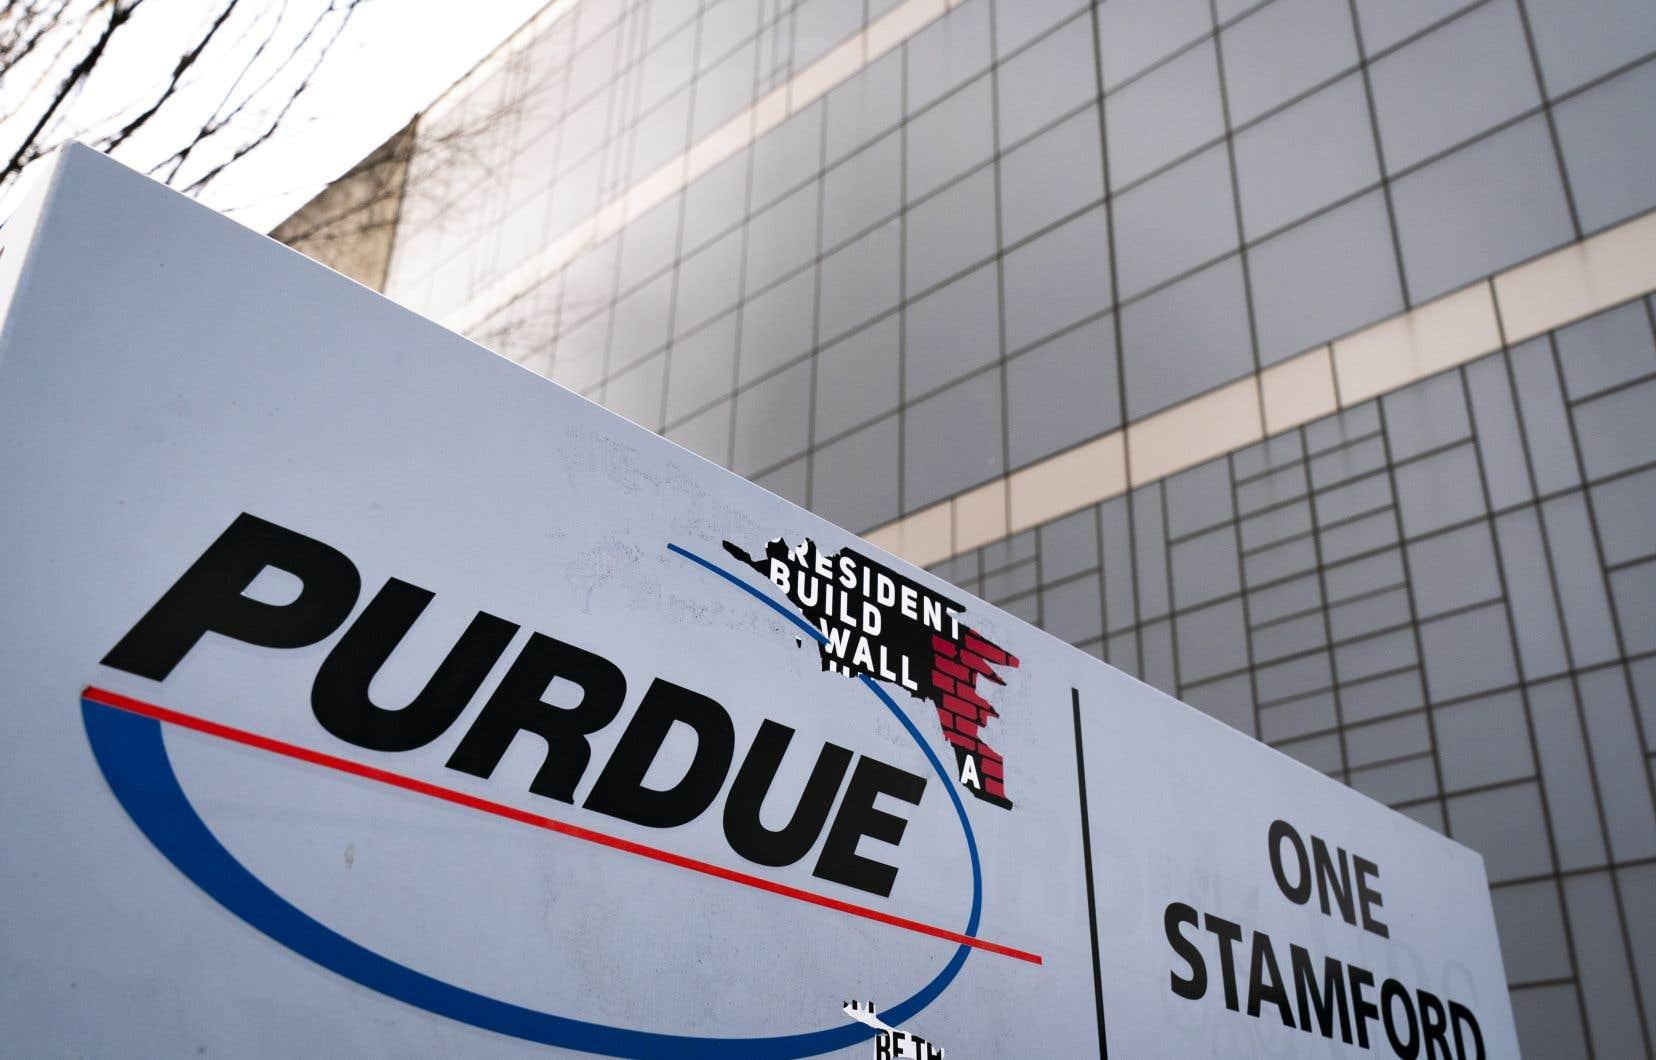 Le laboratoire Purdue, fabriquant du célèbre opiacé OxyContin a vu les plaintes contre lui suspendues depuis qu'il s'est placé en septembre sous la protection de la loi des faillites.